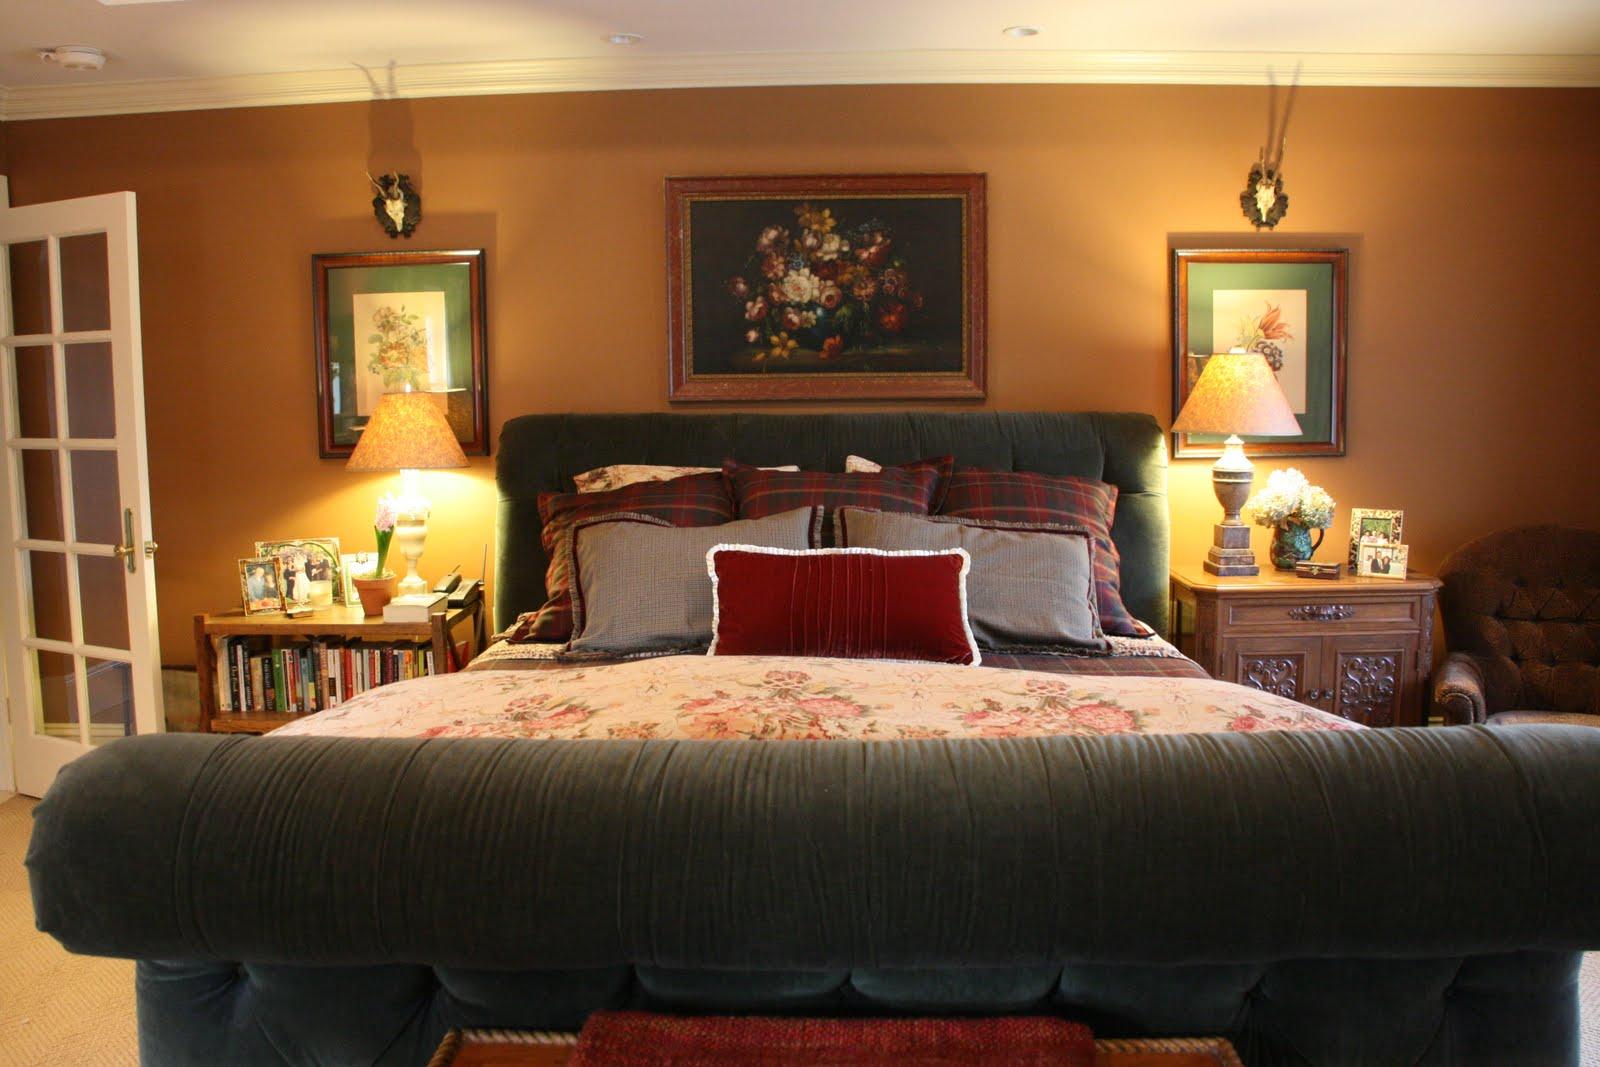 vignette design: The Bedside Table